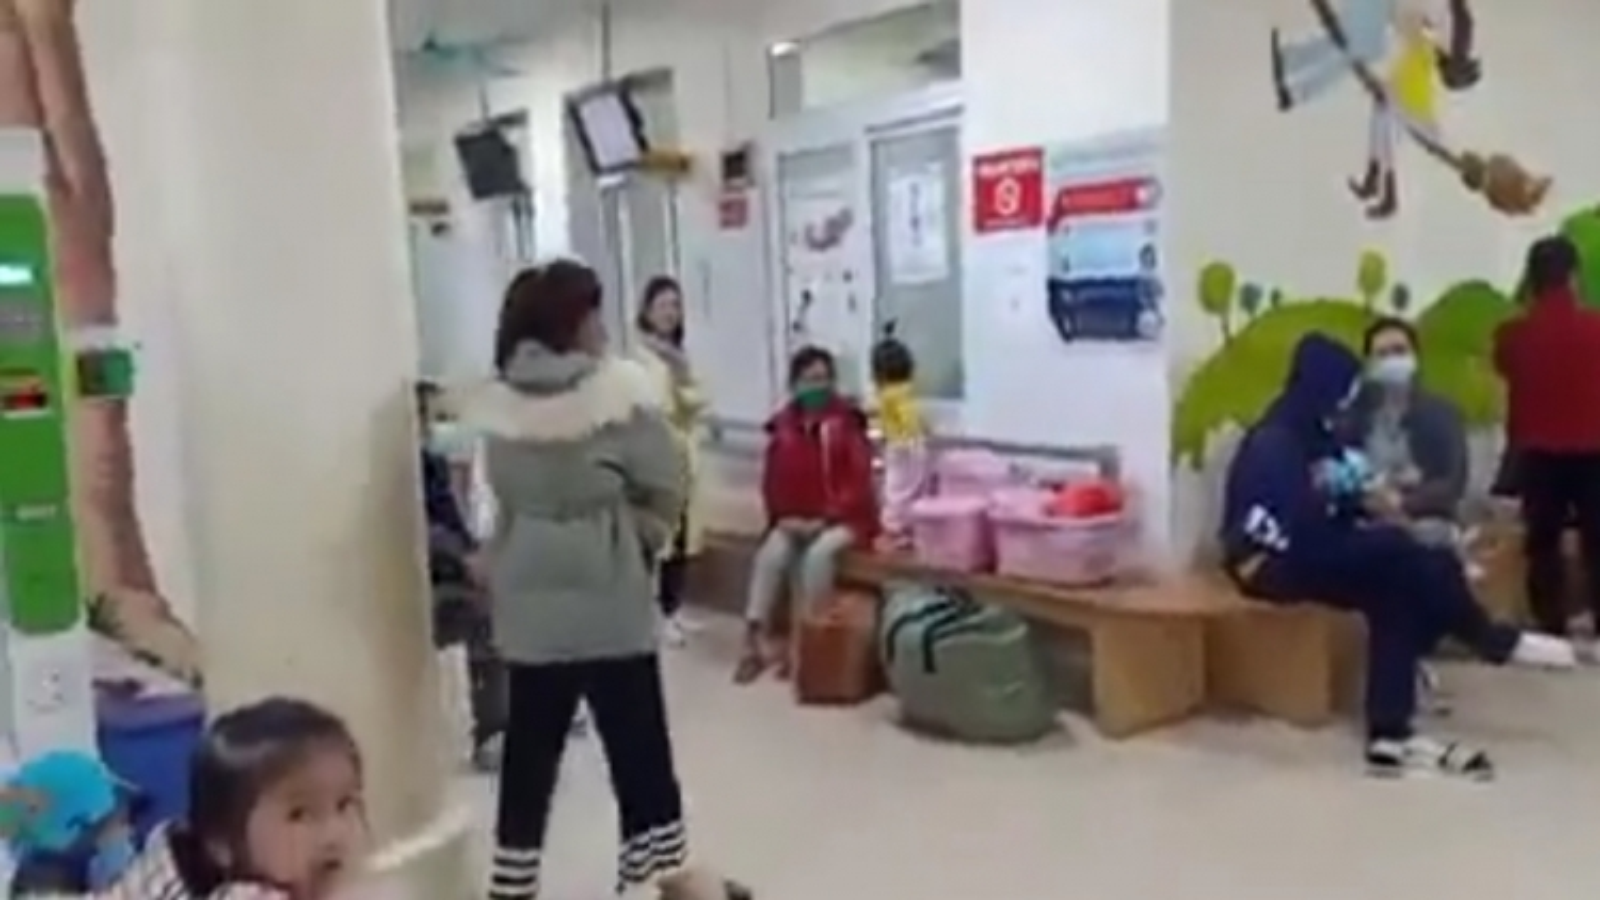 Cần làm rõ nguyên nhân cháu bé tử vong tại bệnh viện Sản nhi Quảng Ninh